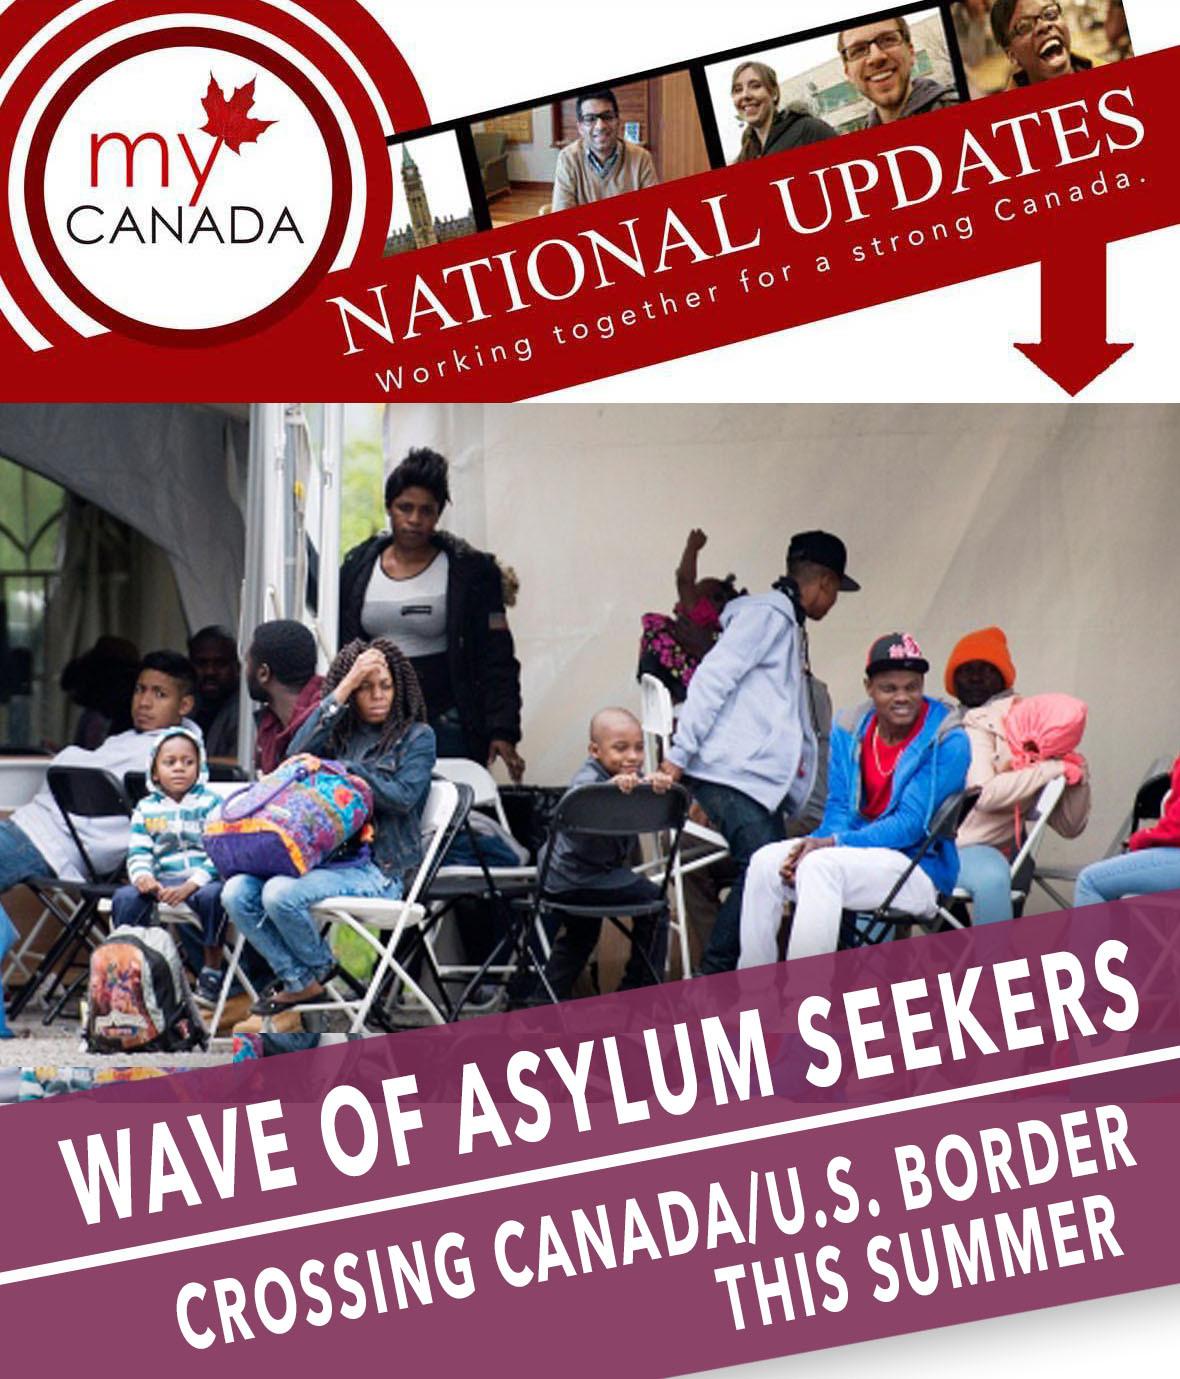 asylumseekersupdate